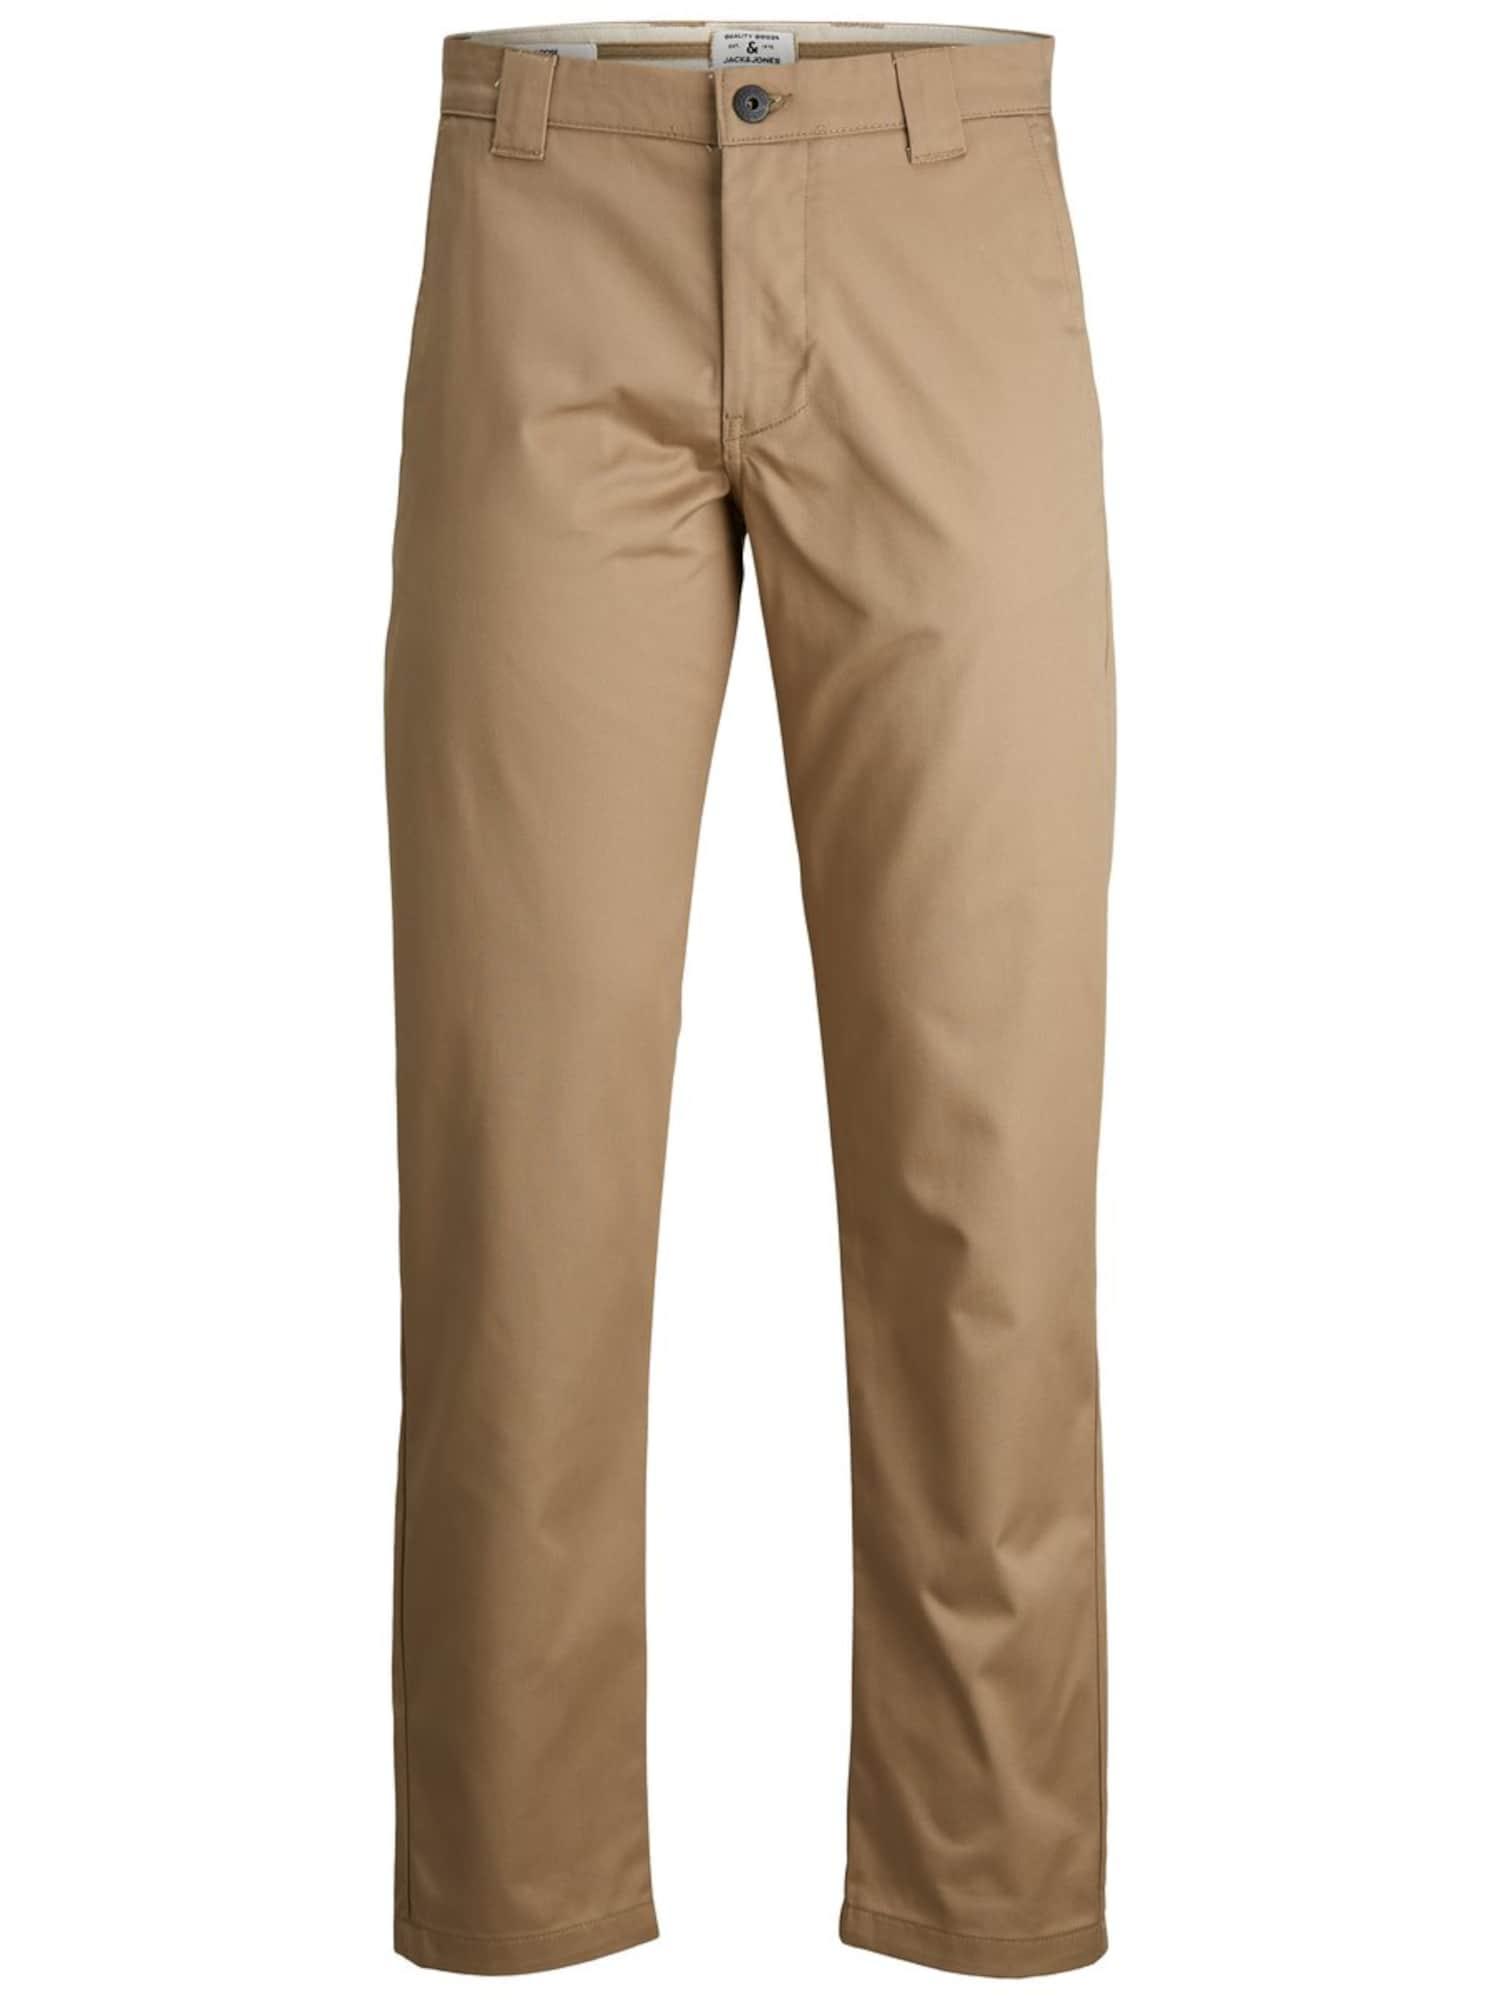 JACK & JONES Chino kalhoty 'KANE TOBIS'  světle béžová